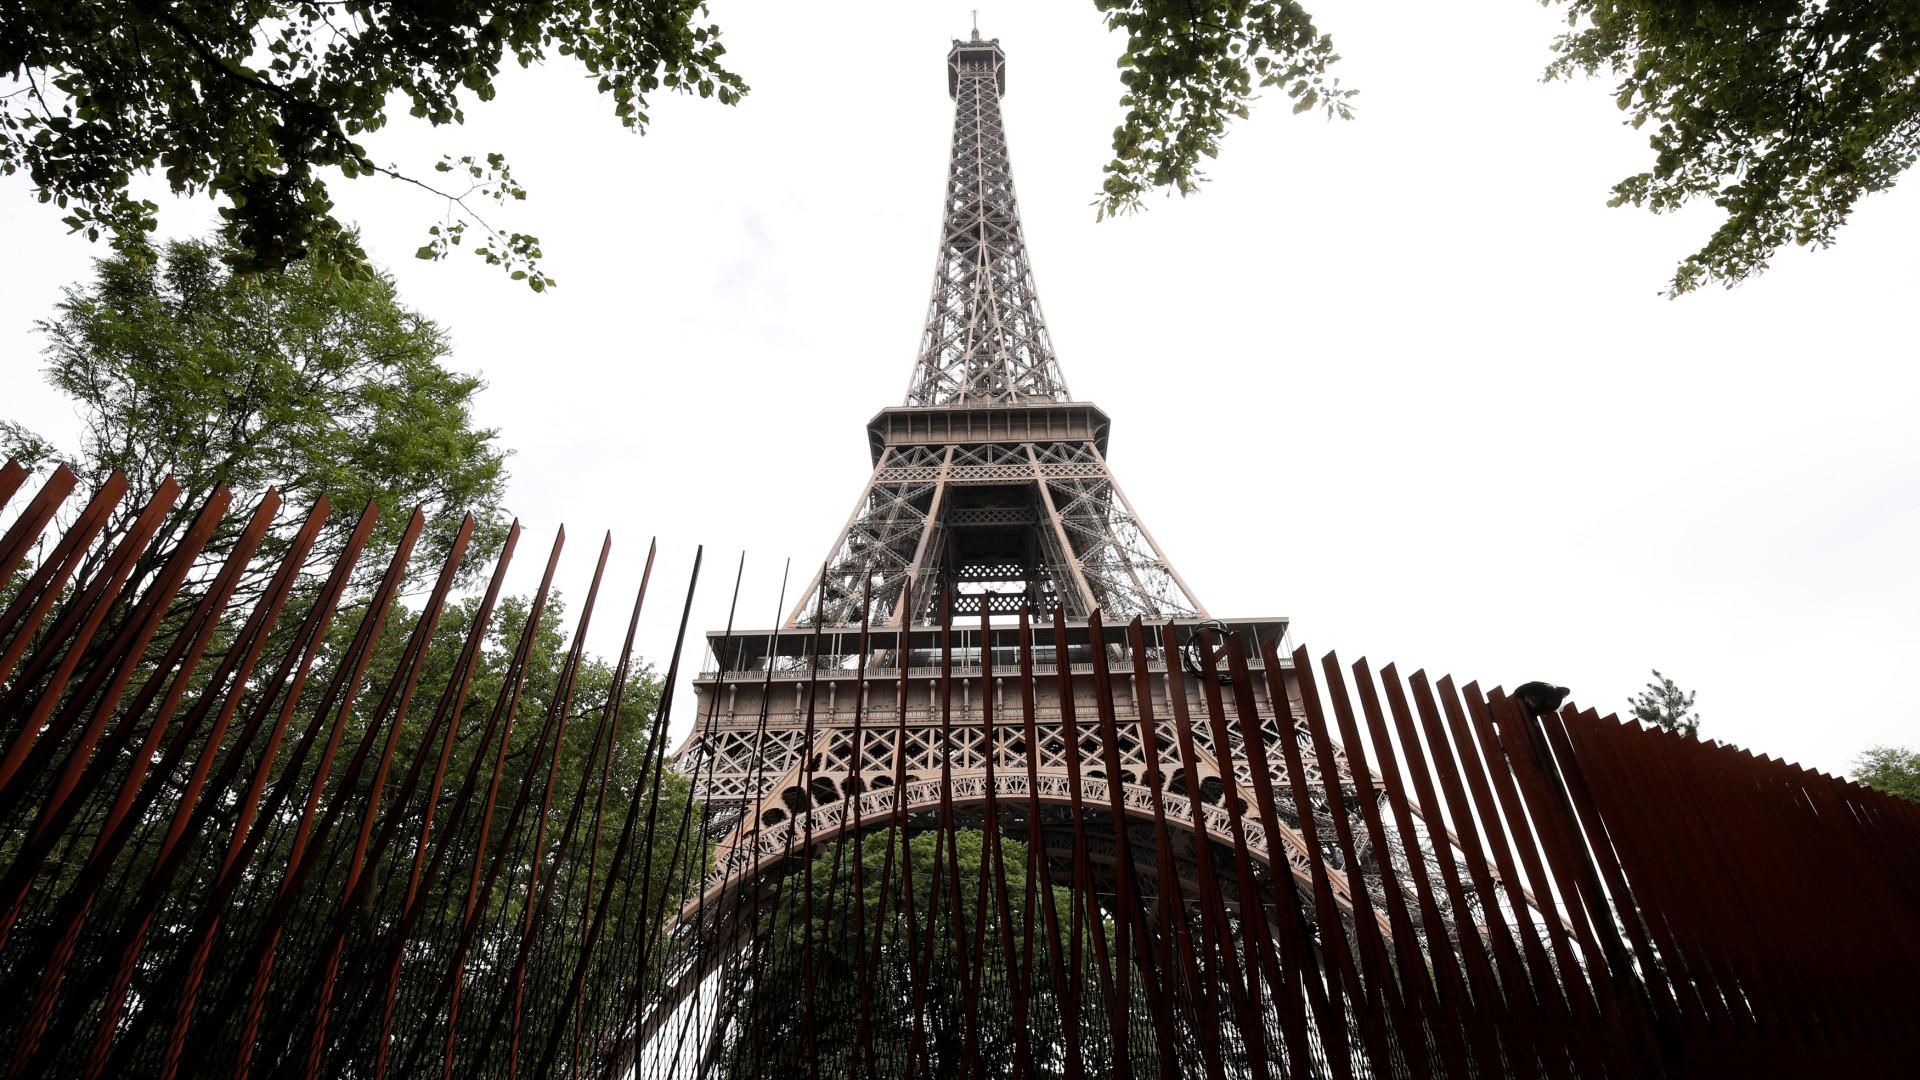 Torre Eiffel encerra no sábado e protestos espalham-se pela França